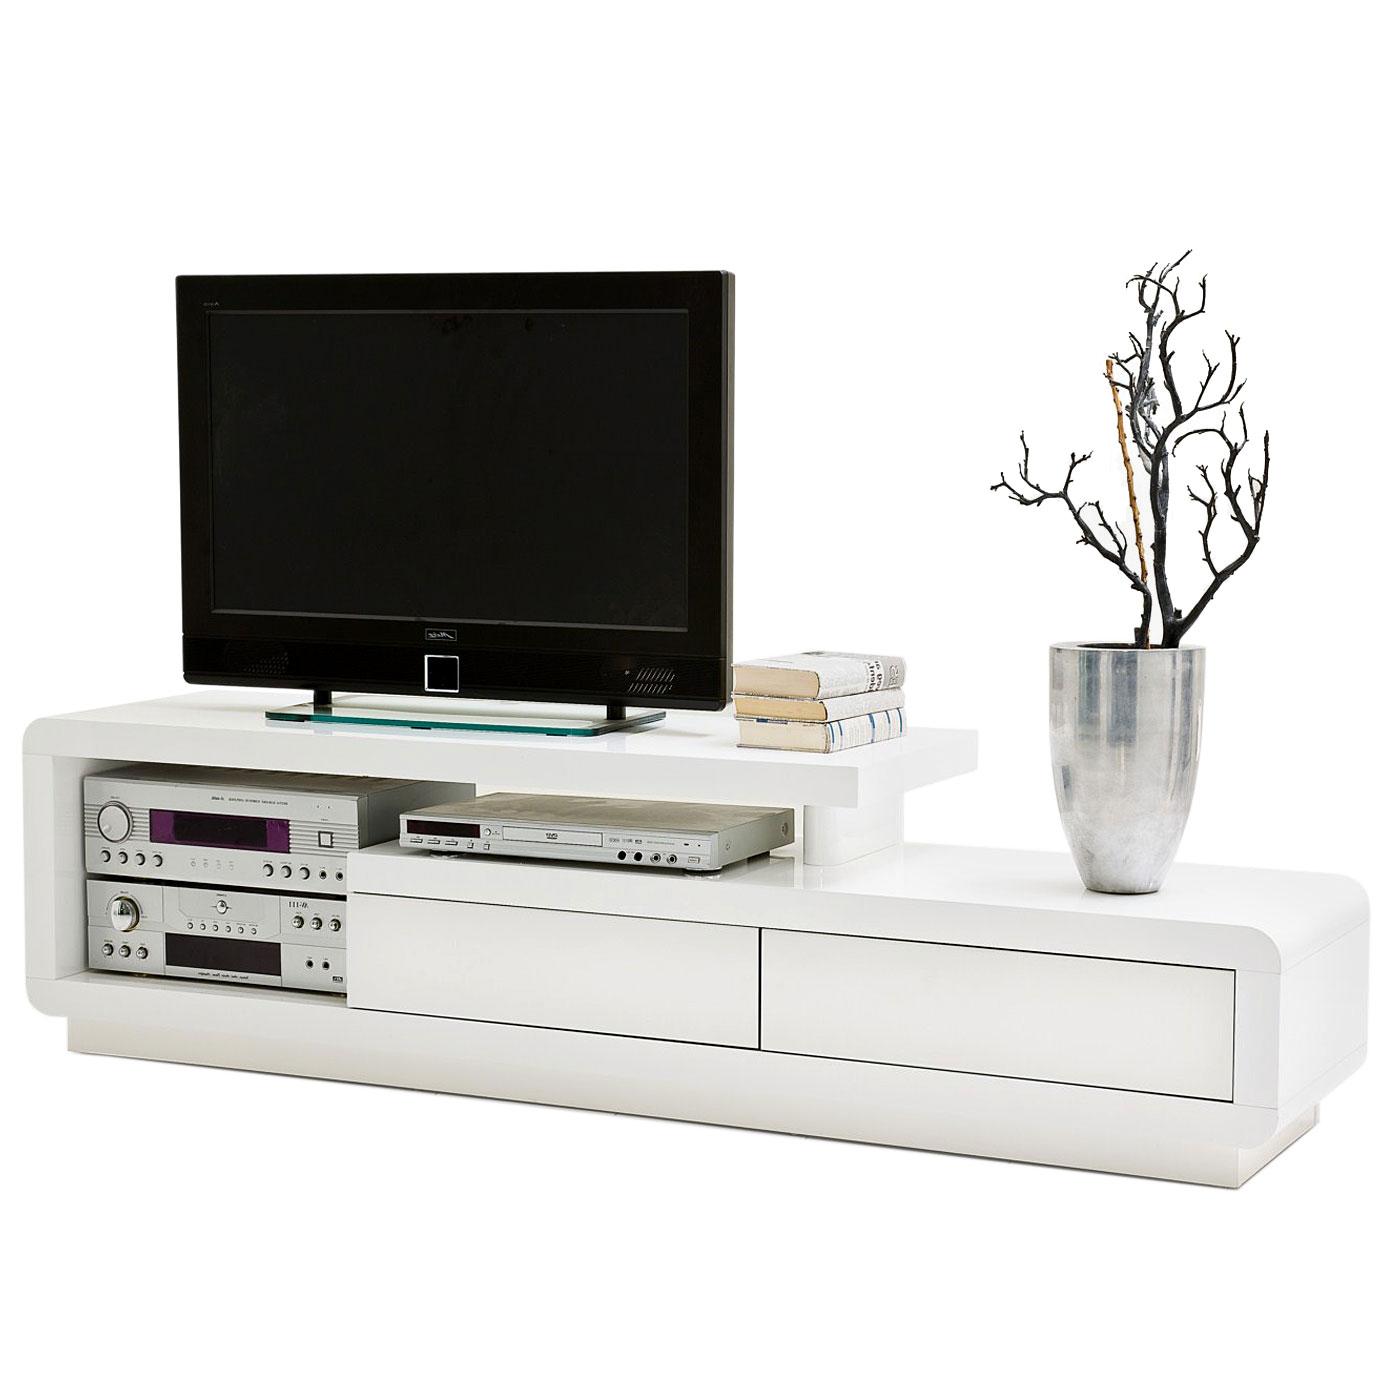 mca tv rack celia lowboard mit schubladen hochglanz wei 45x170x40cm ebay. Black Bedroom Furniture Sets. Home Design Ideas